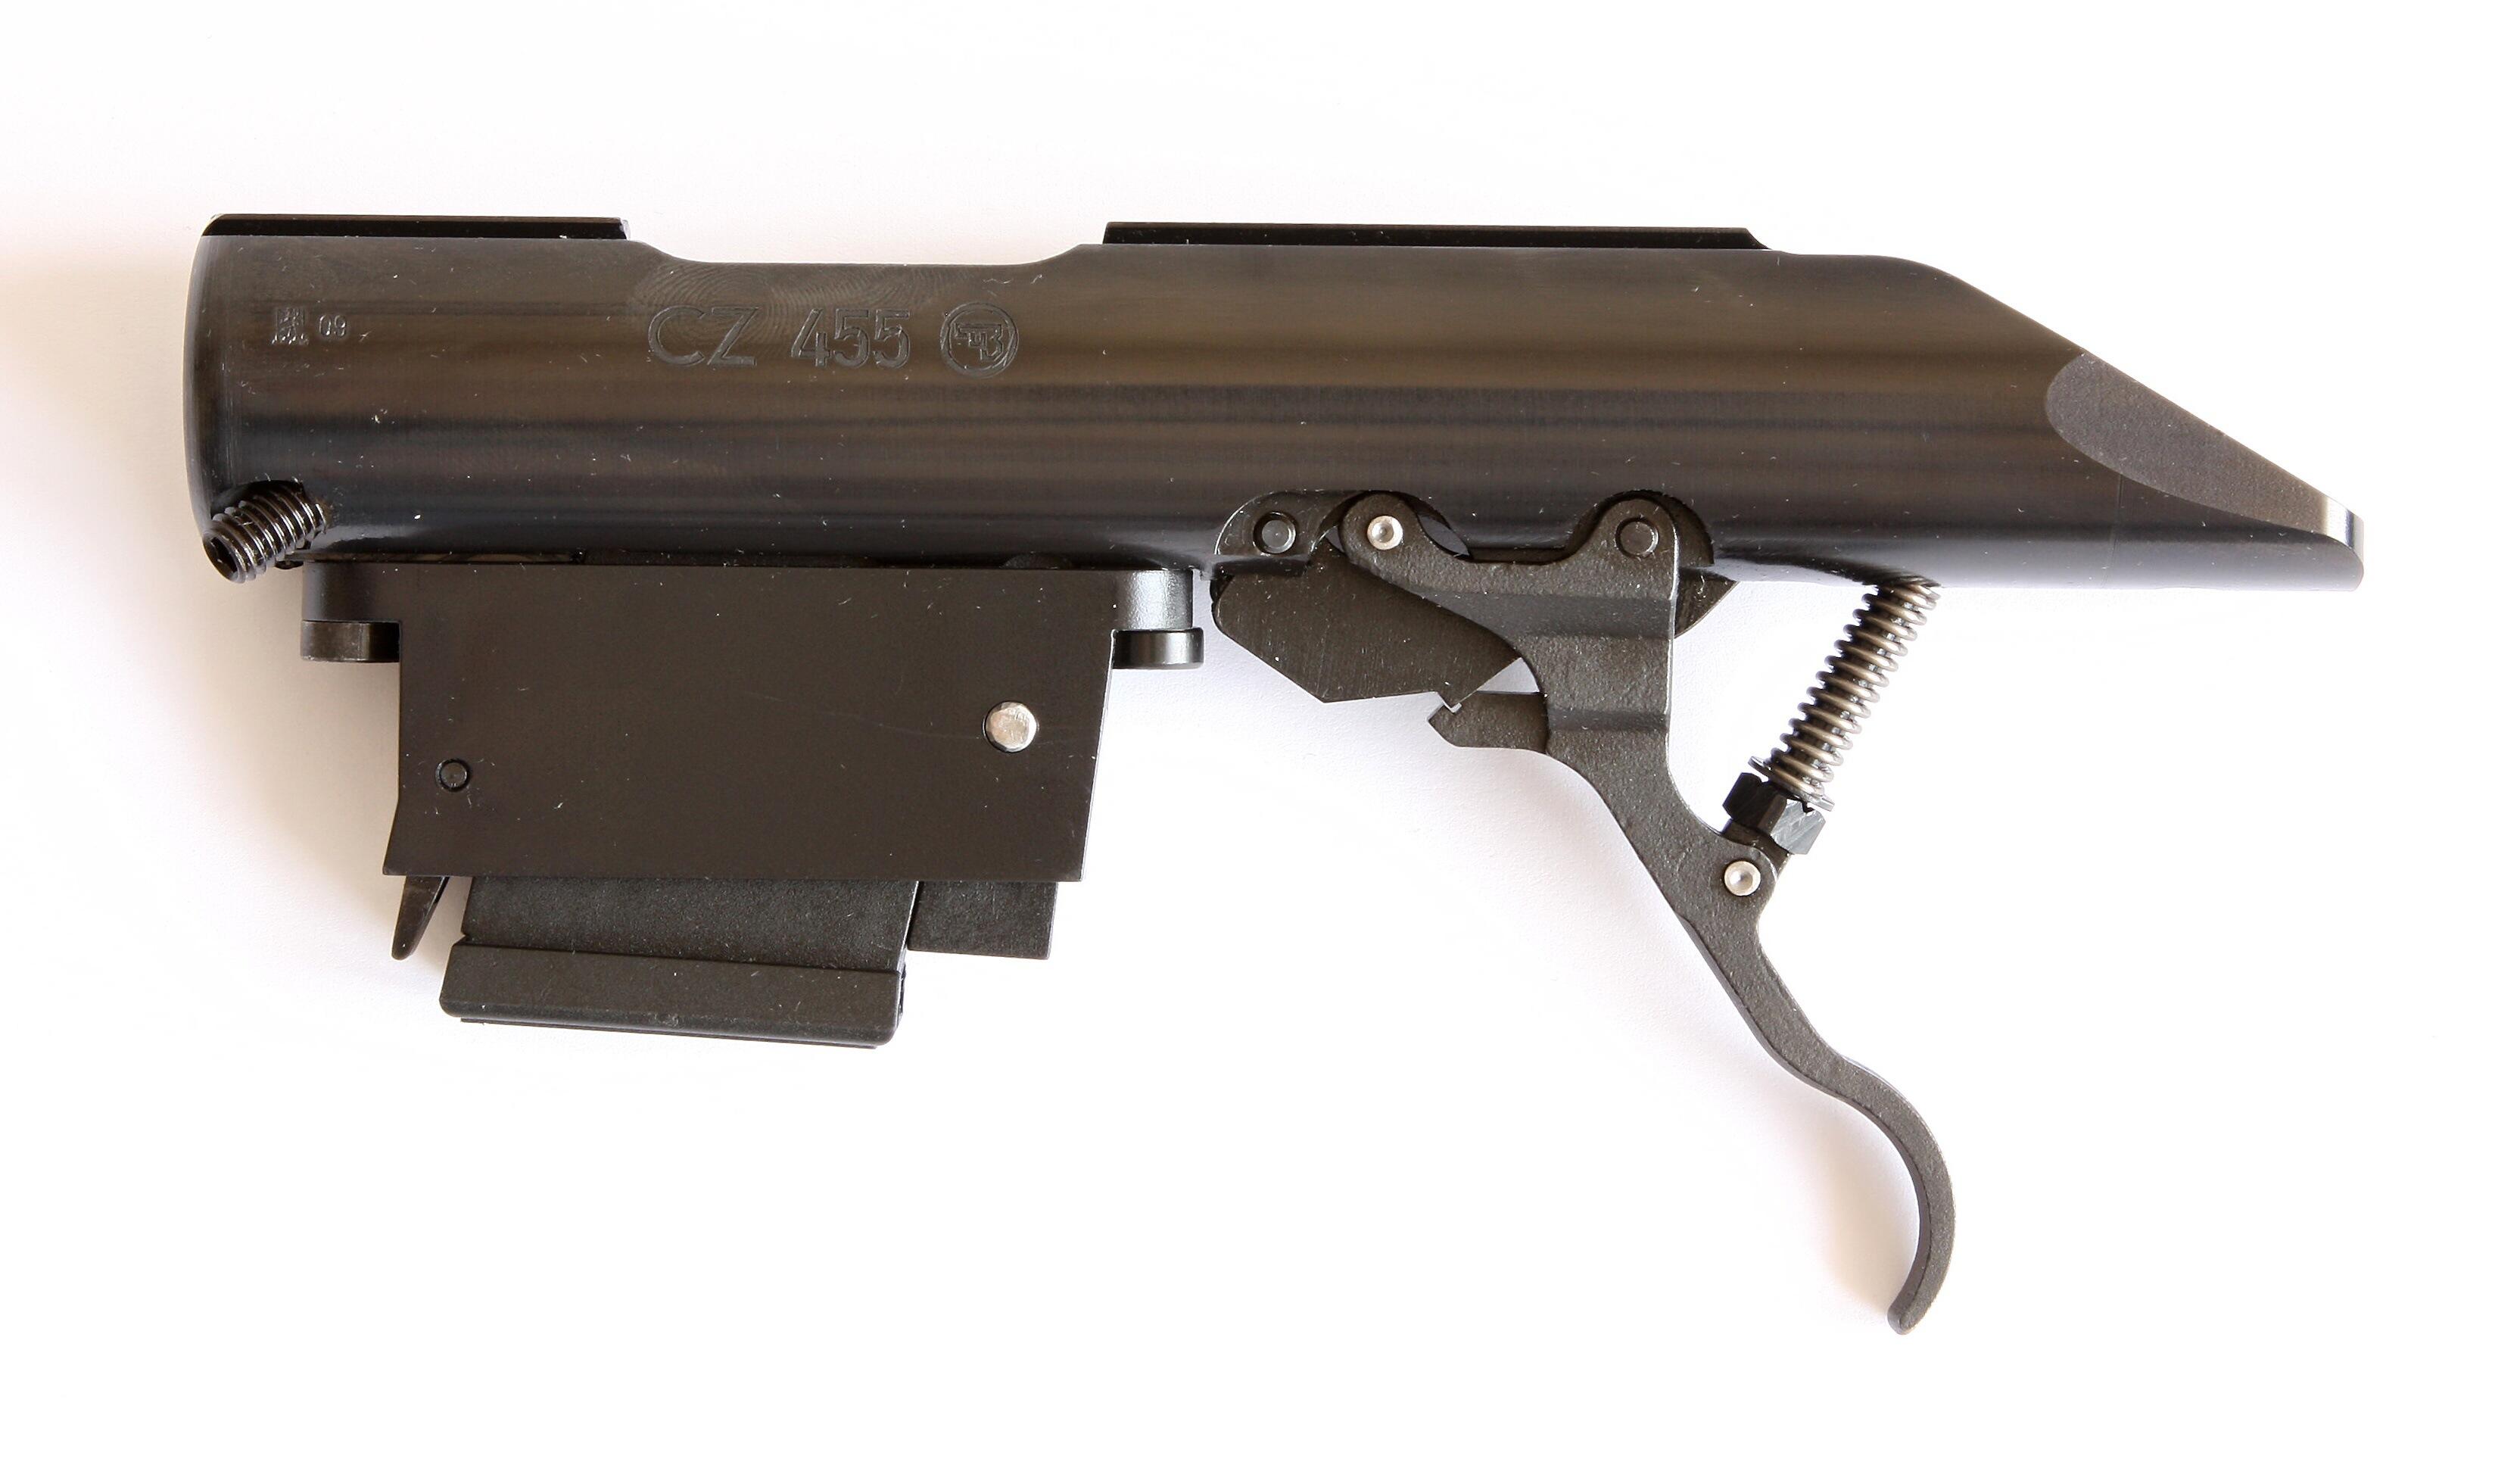 Pouzdro závěru se zásobníkem ráže 22 LR a vymezovacím segmentem  vsazeným v zásobníkové šachtě.